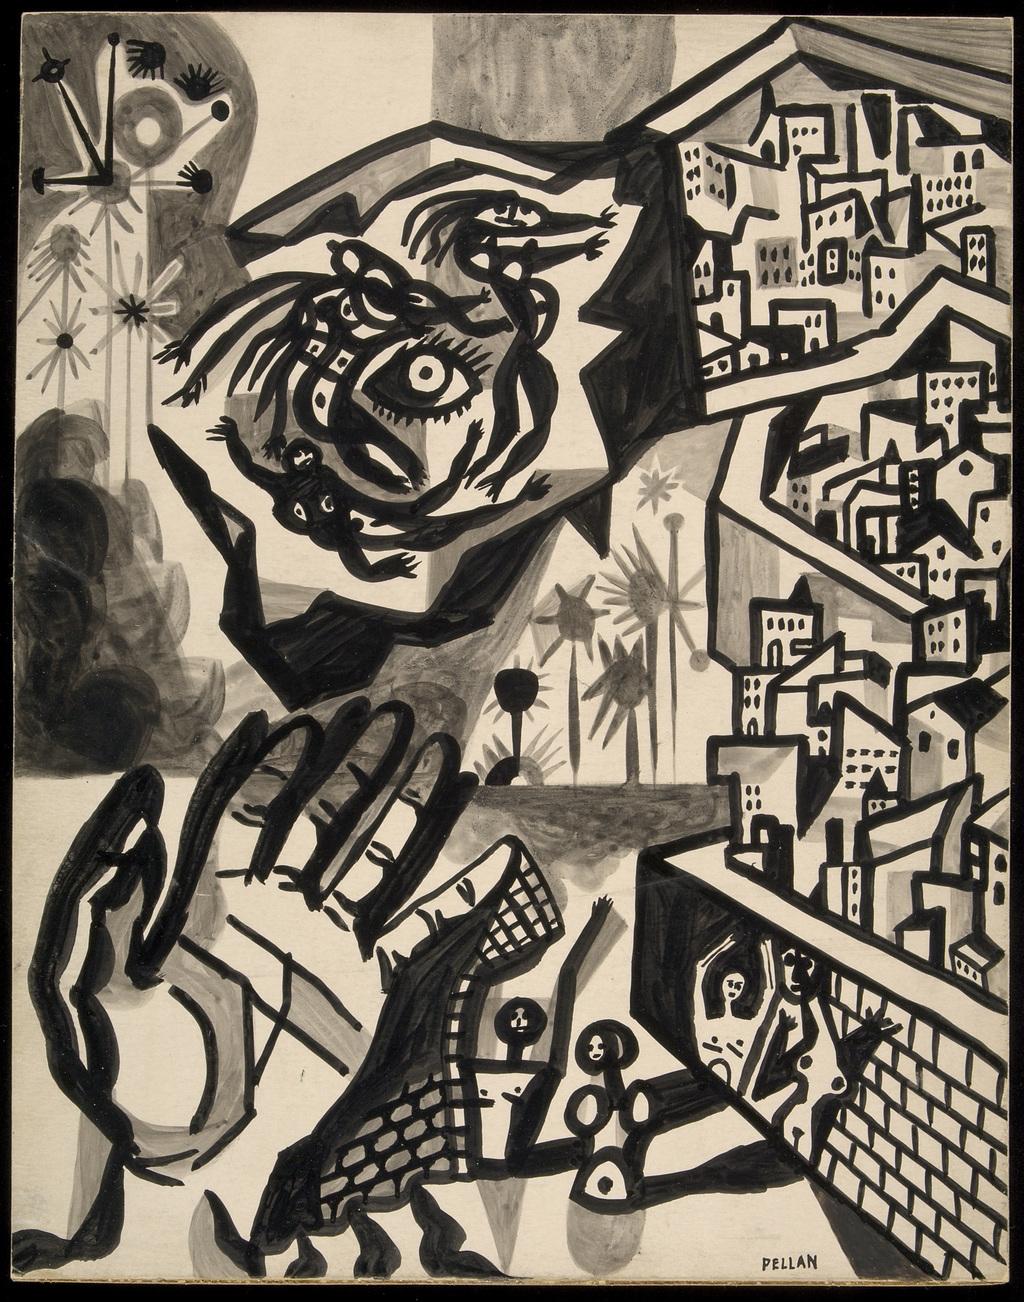 « Alors nous vivions aux remparts des villes endormies ». Illustration pour « Les Îles de la nuit » d'Alain Grandbois